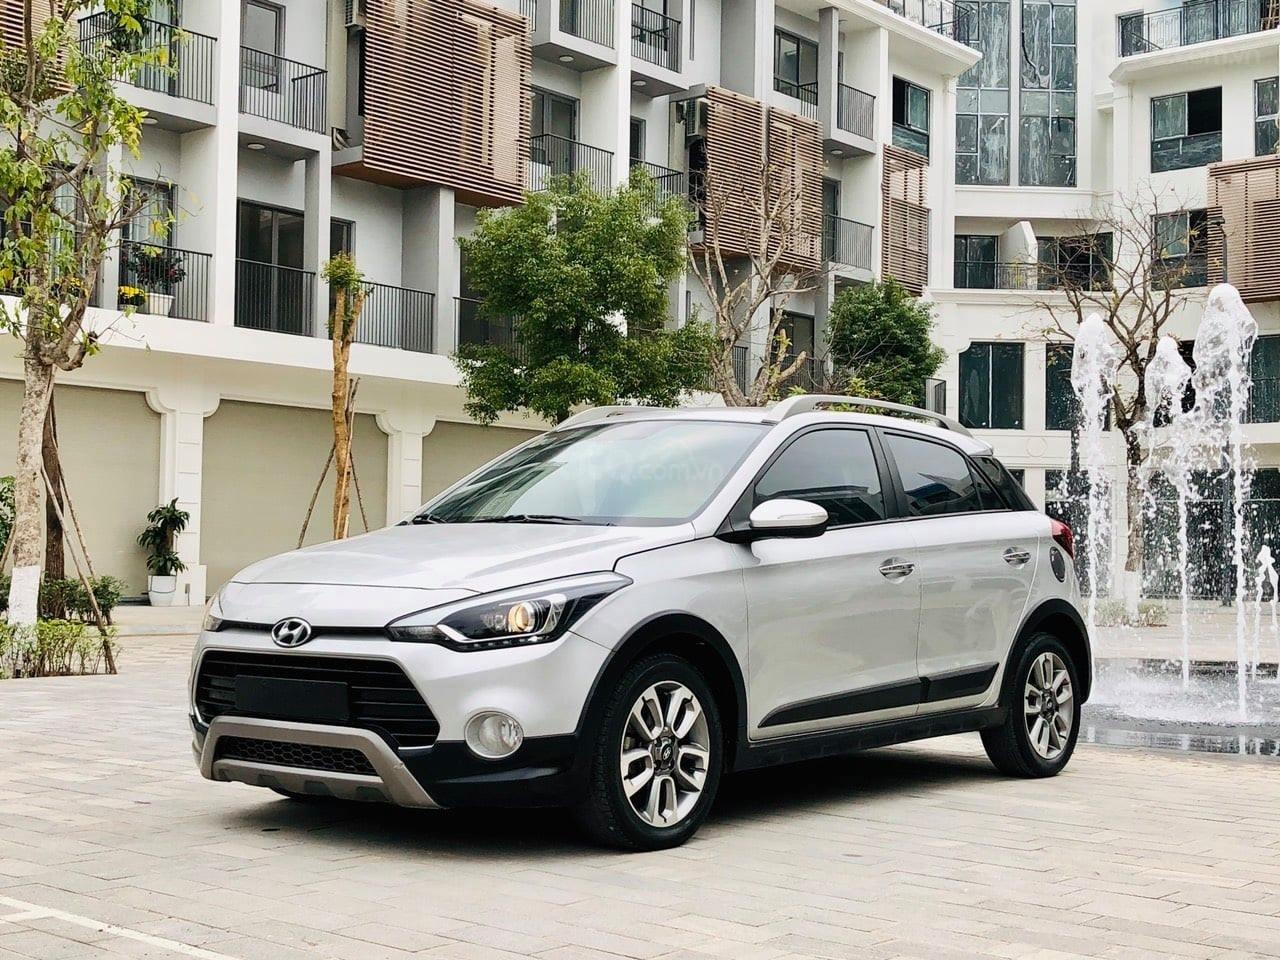 Bán xe Hyundai i20 Active năm sản xuất 2015, màu bạc, xe nhập khẩu, chạy cực ổn định (3)